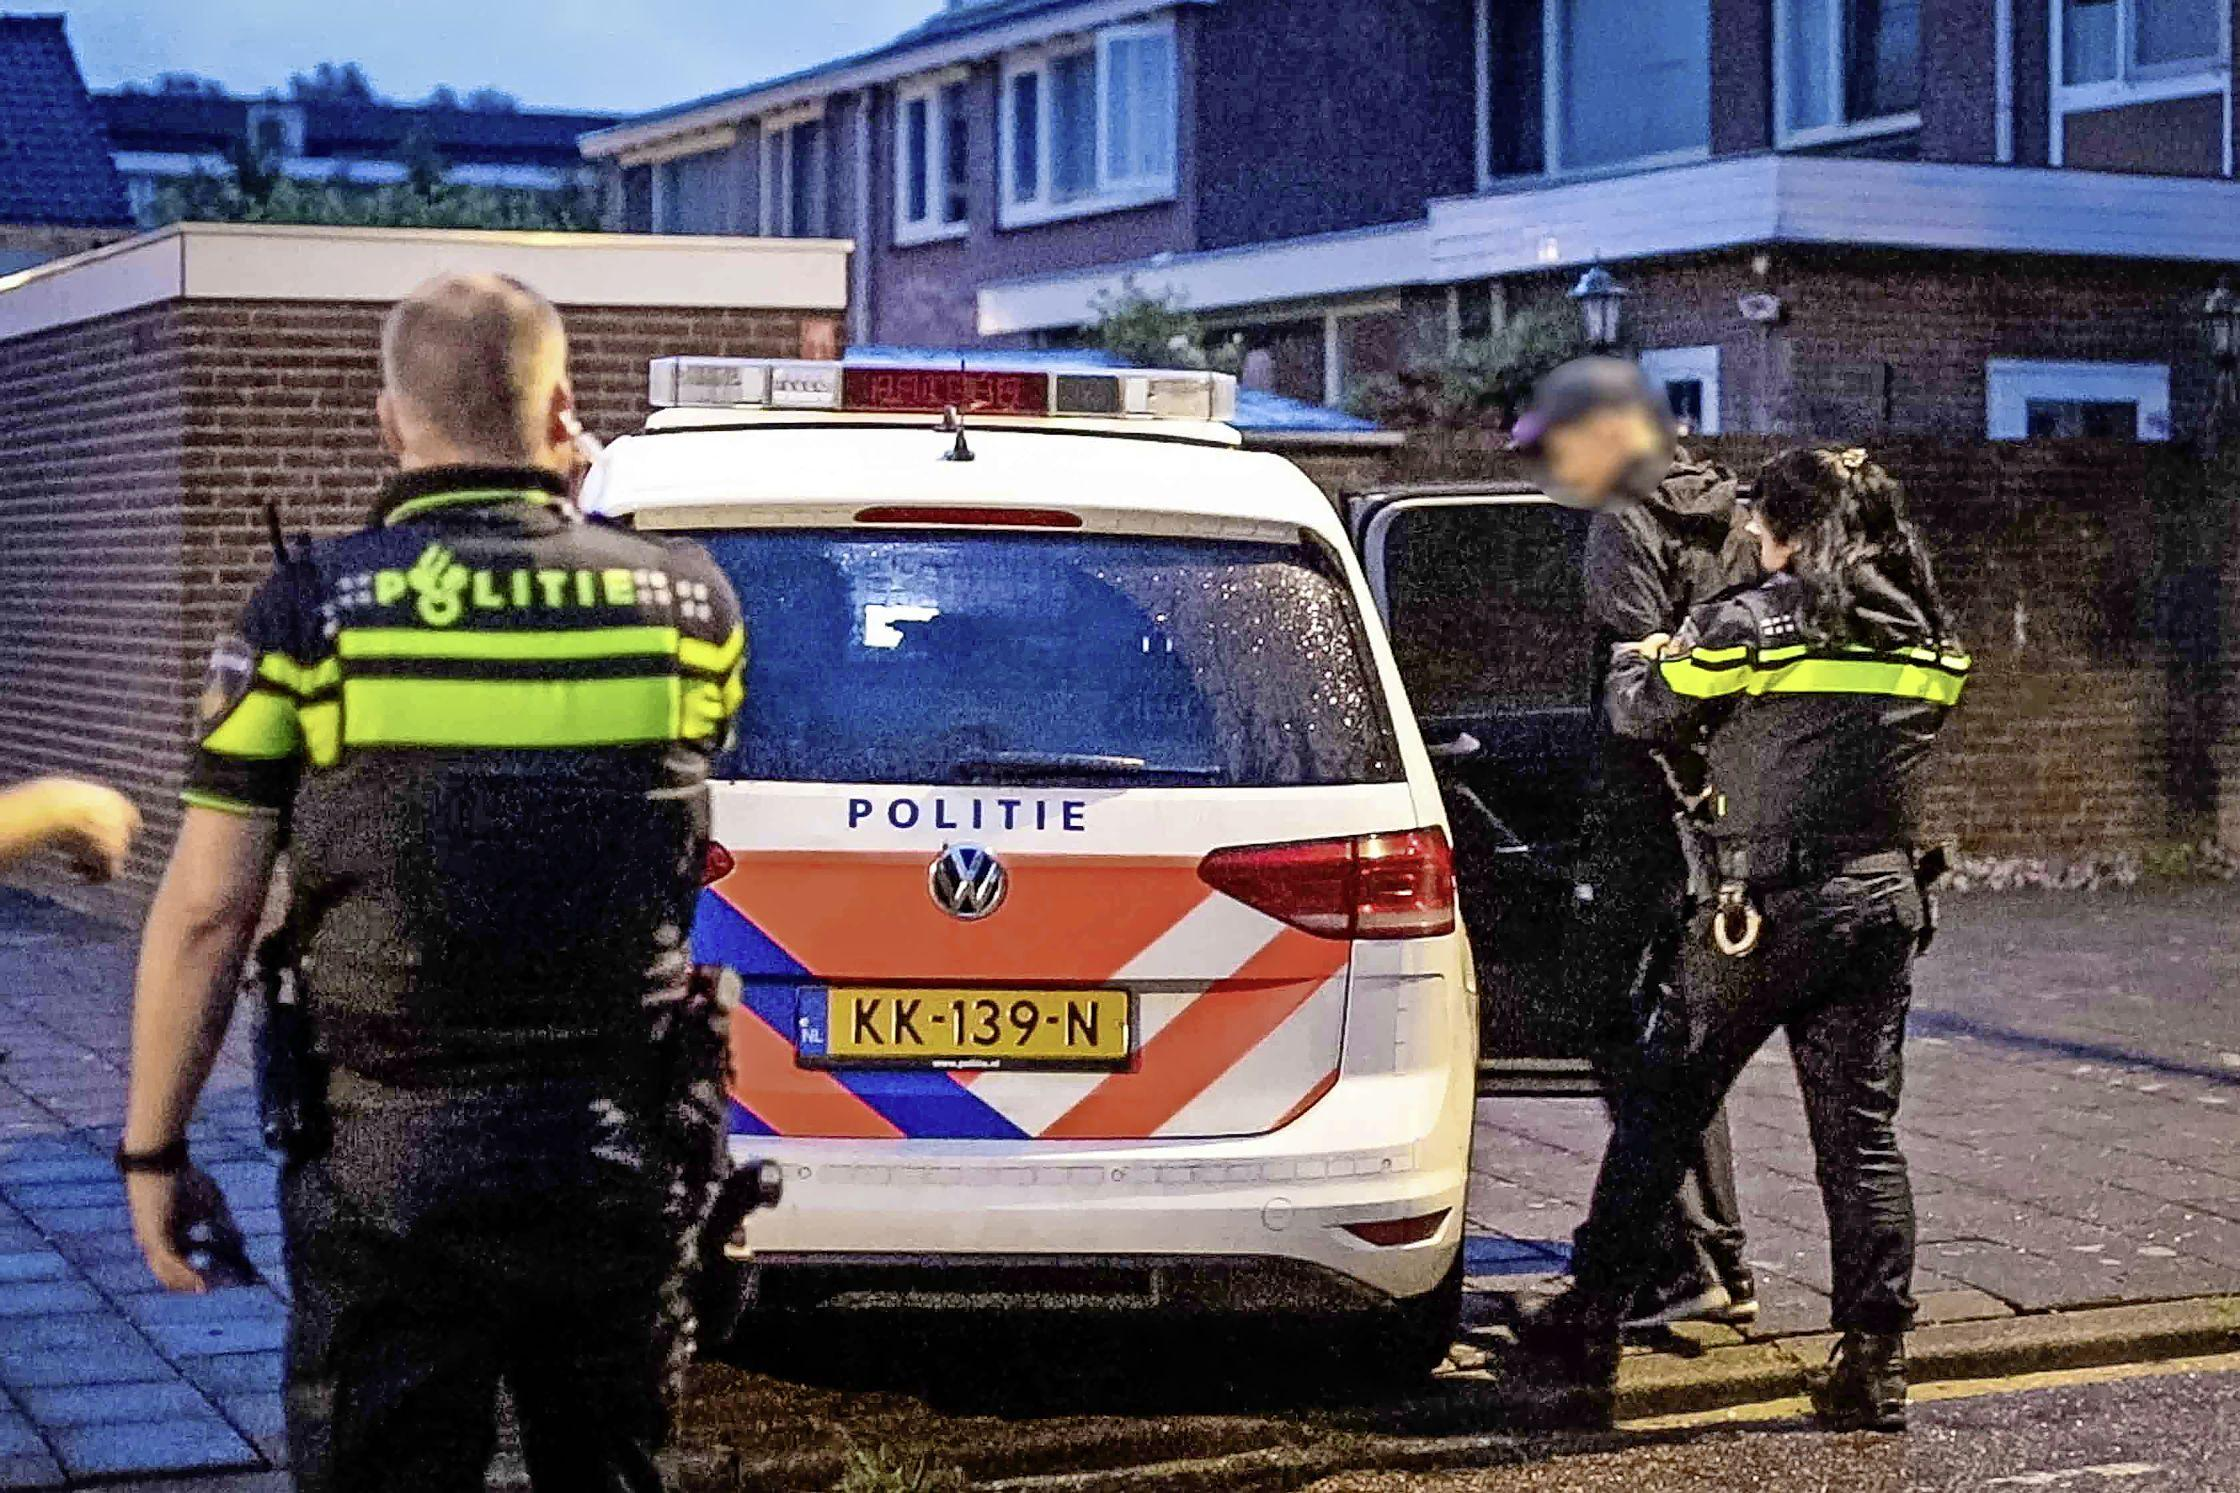 Twee inbraakverdachten aangehouden in tuin Zwanenburg na zoekactie met politiehelikopter